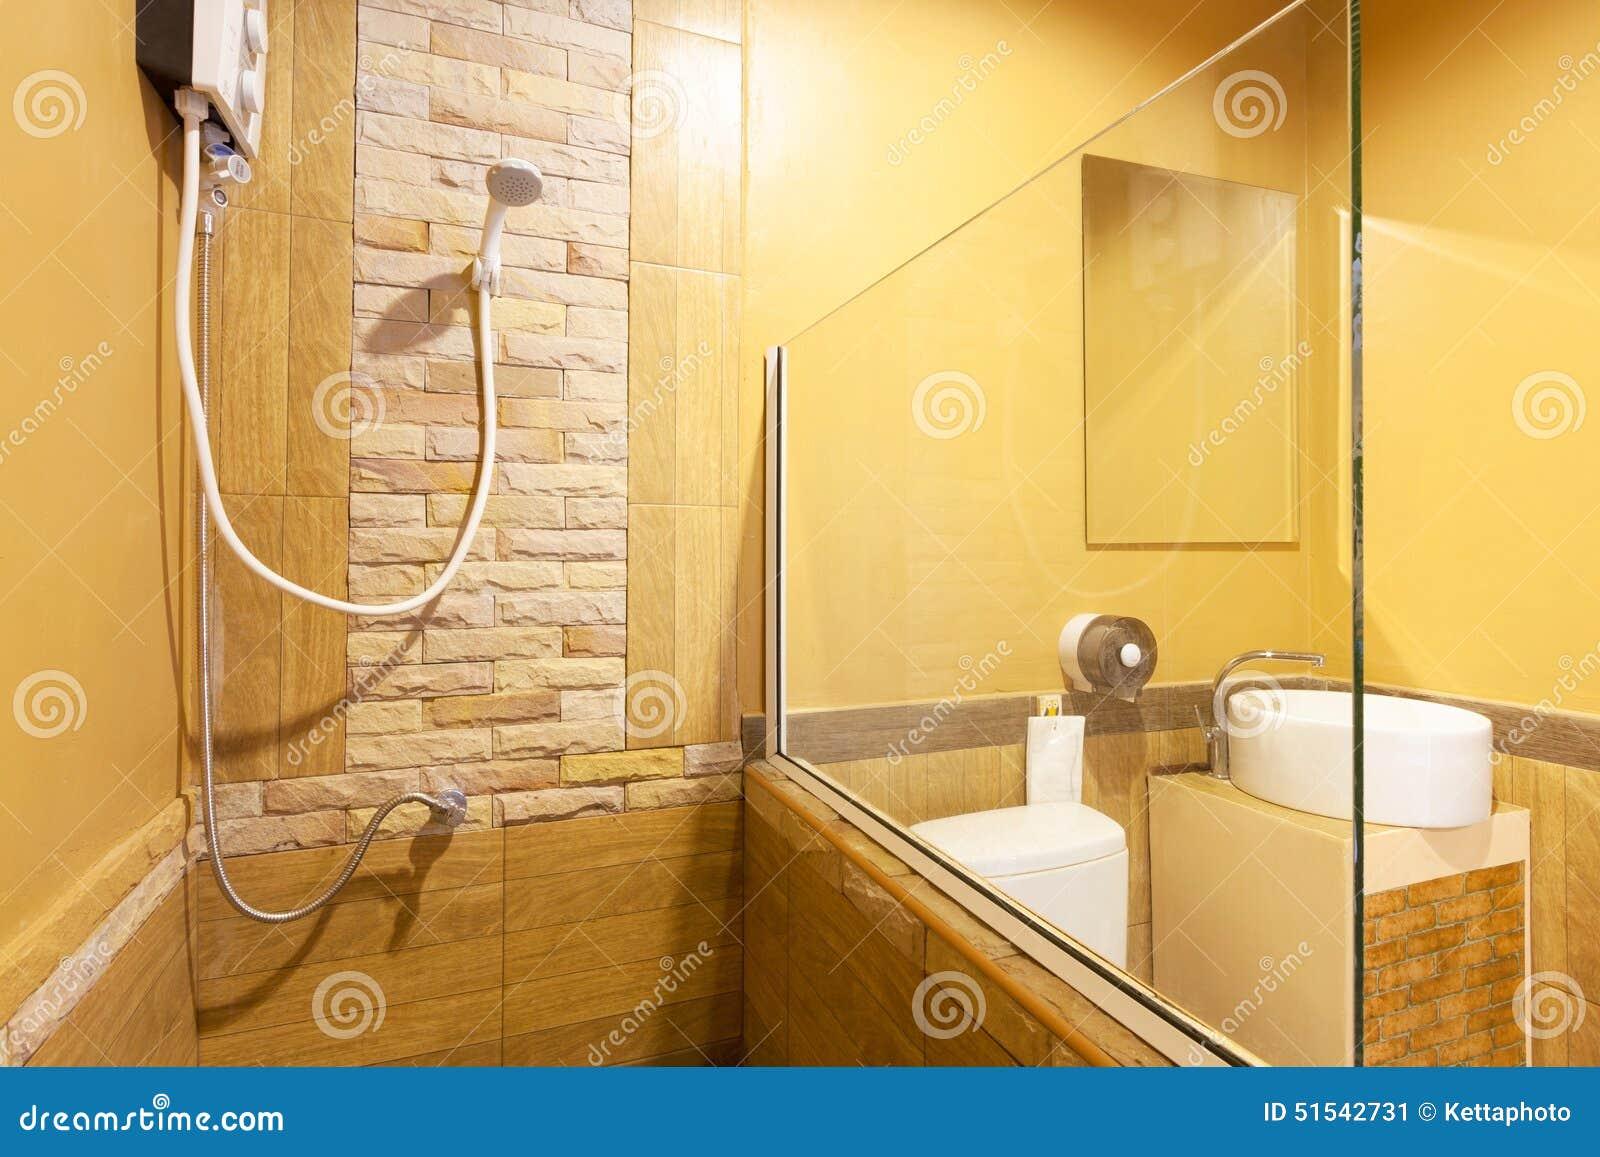 Toalett och badrum arkivfoto   bild: 51542731